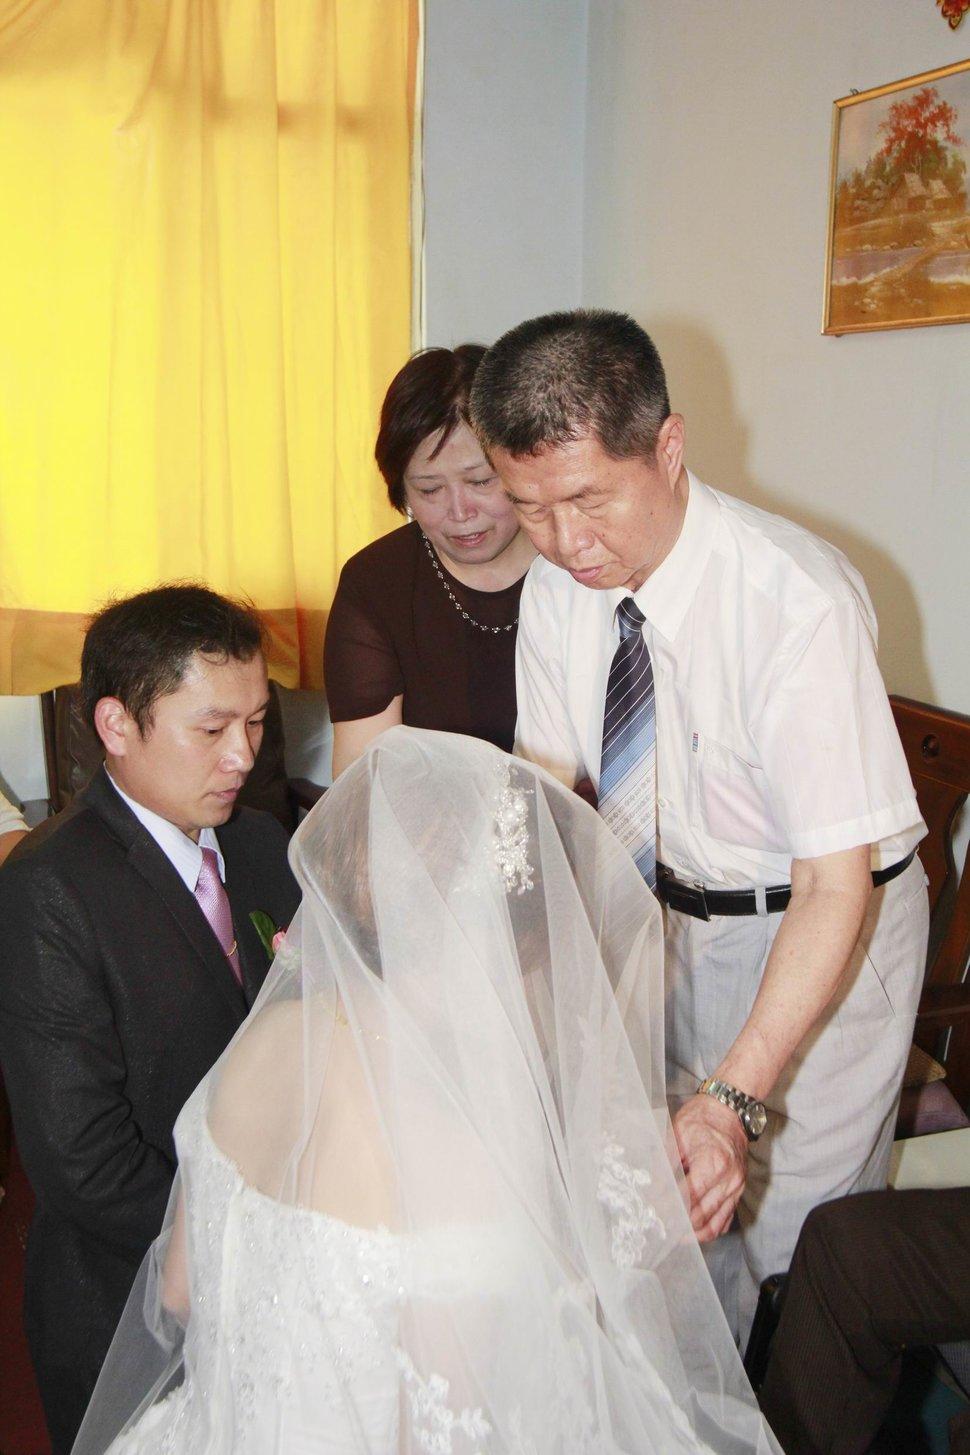 永和易牙居婚宴廣場宴會廳婚婚禮記錄結婚迎娶婚禮記錄動態微電影錄影專業錄影平面攝影婚攝婚禮(編號:213018) - 蜜月拍照10800錄影12800攝影團隊 - 結婚吧